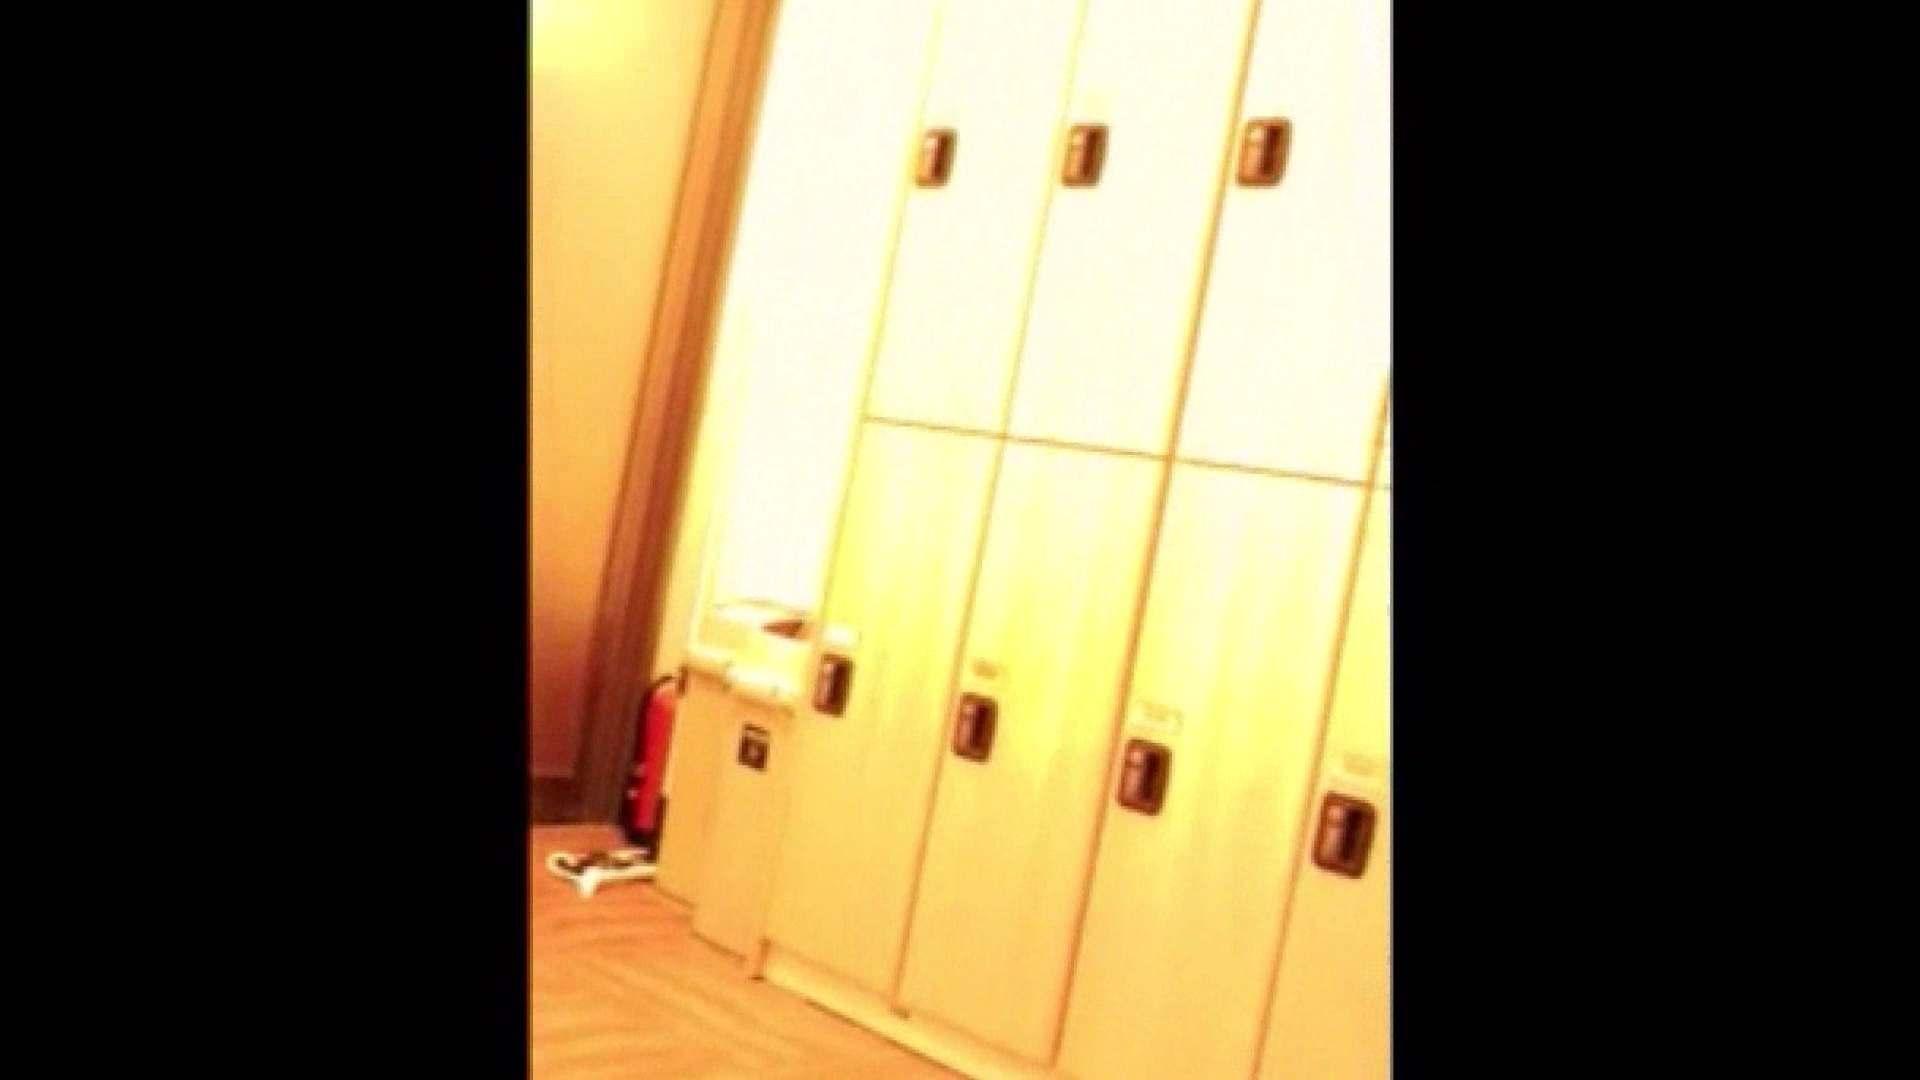 ゲイザーメン動画|すみませんが覗かせてください Vol.01|イケメン